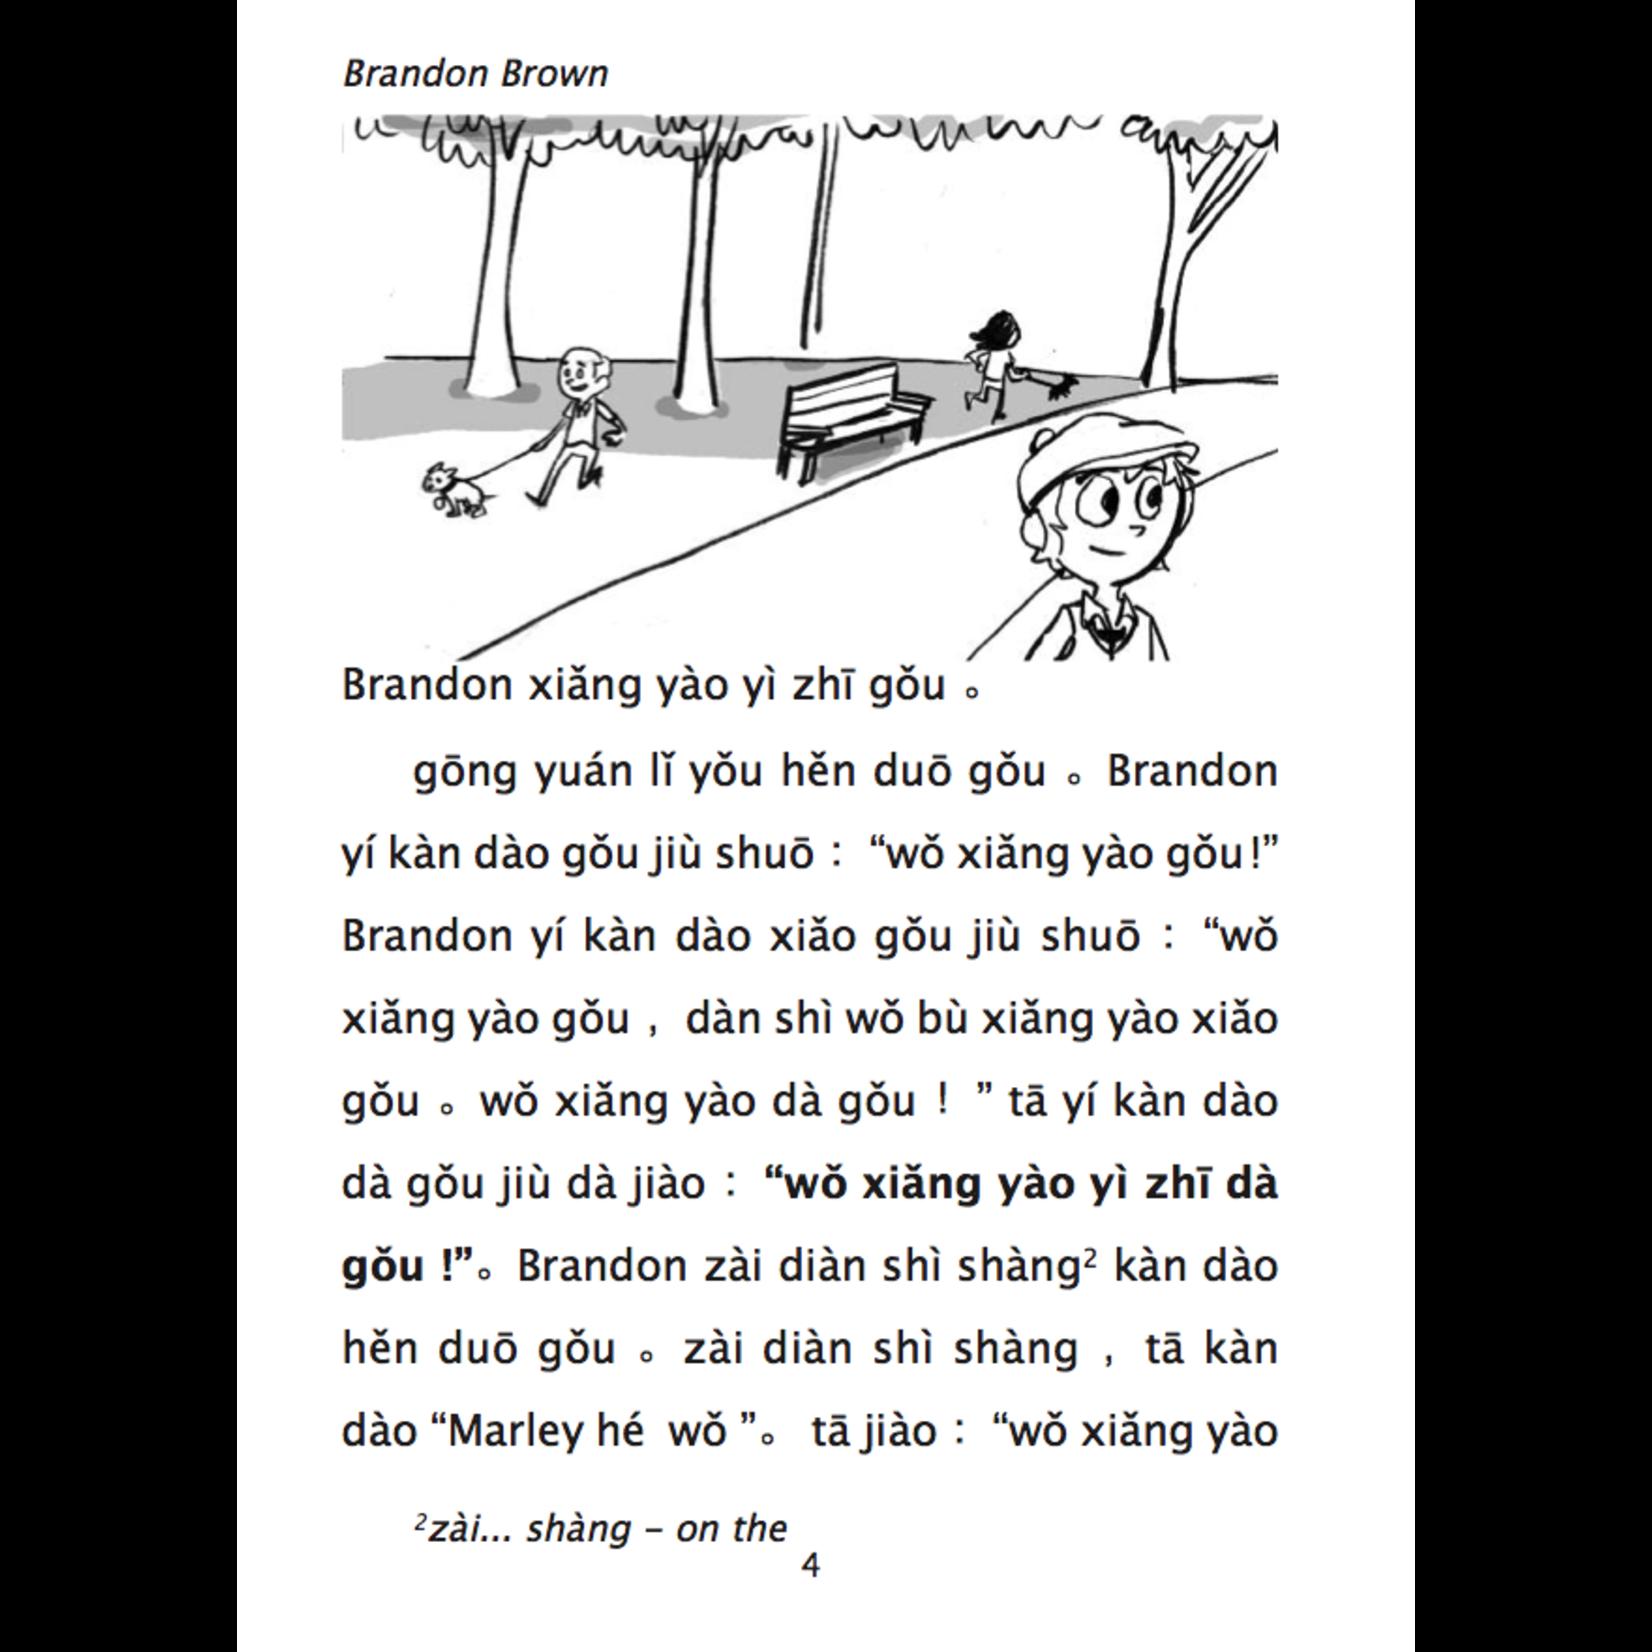 Fluency Matters Brandon Brown xiǎng yào gǒu